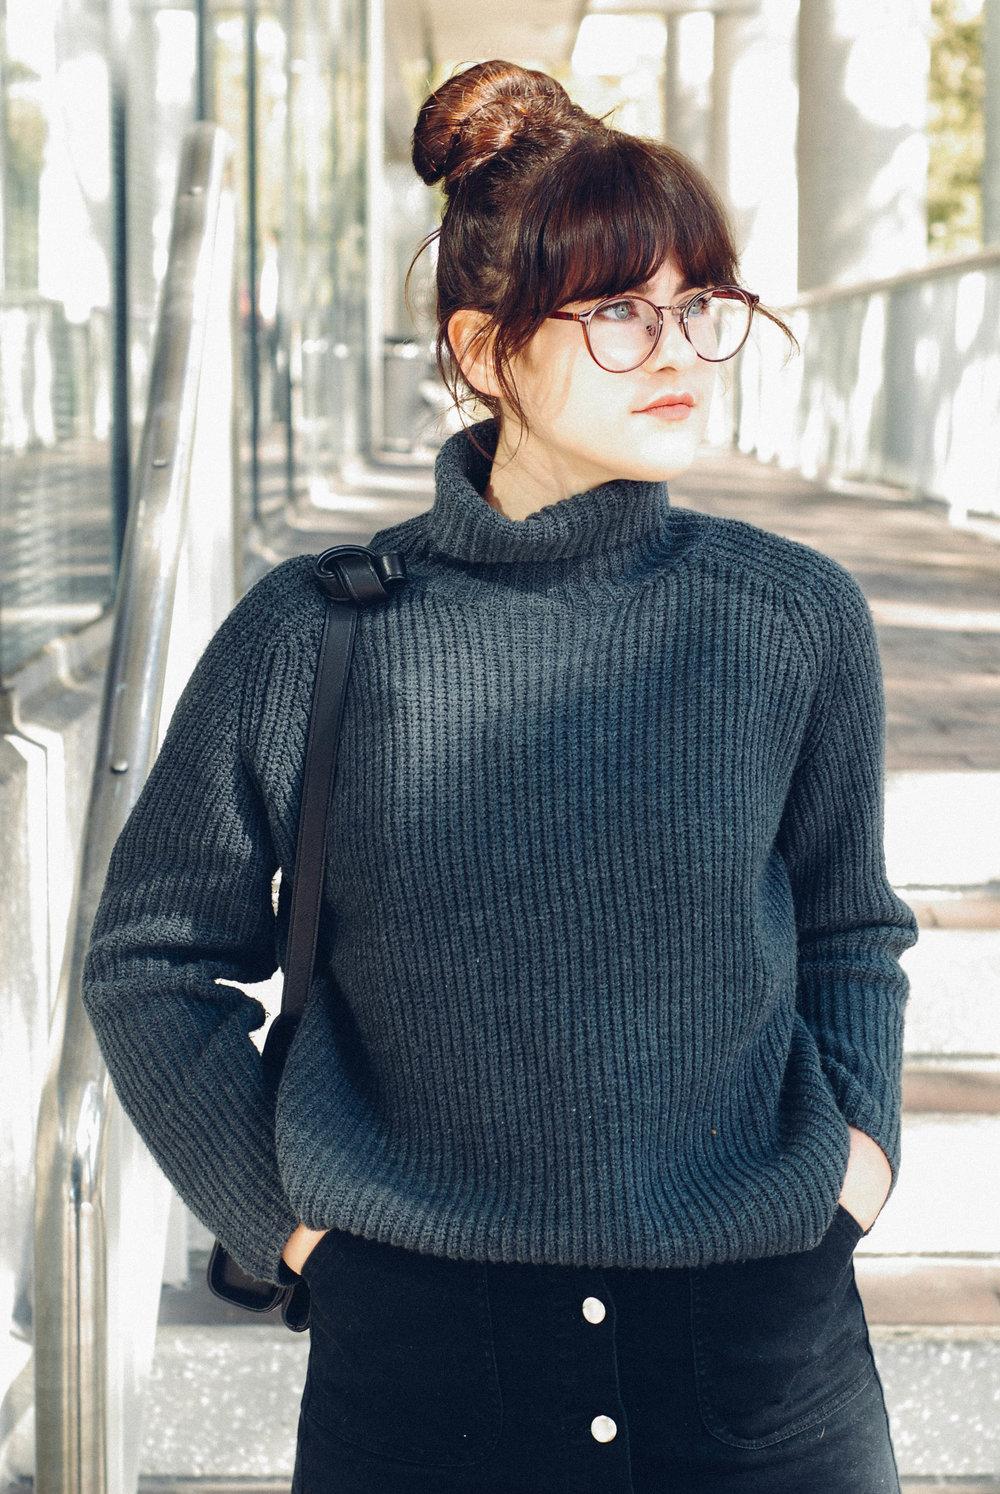 overallsglasses-10.jpg